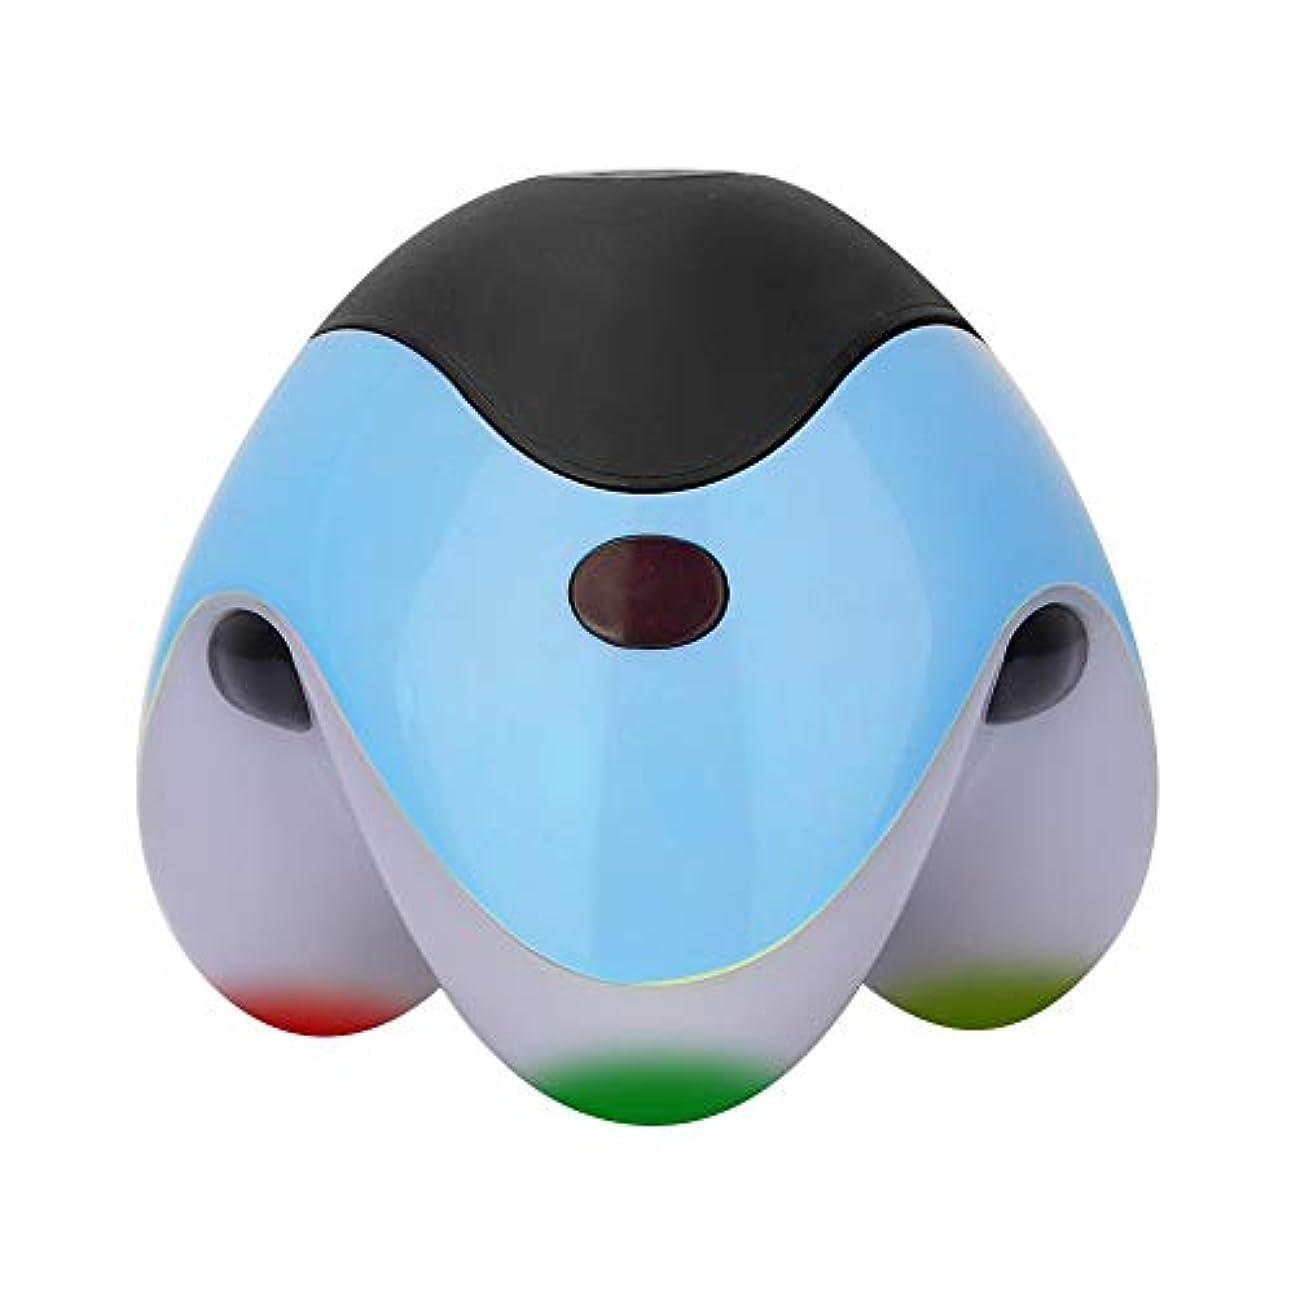 グレートオークおんどり大きさNitrip ボディマッサージ ハンディマッサージャー ボティローラー 全身用 血行促進 疲労緩和 ストレス解消 ヘルスケア マッサージツール 携帯便利 4色(青)